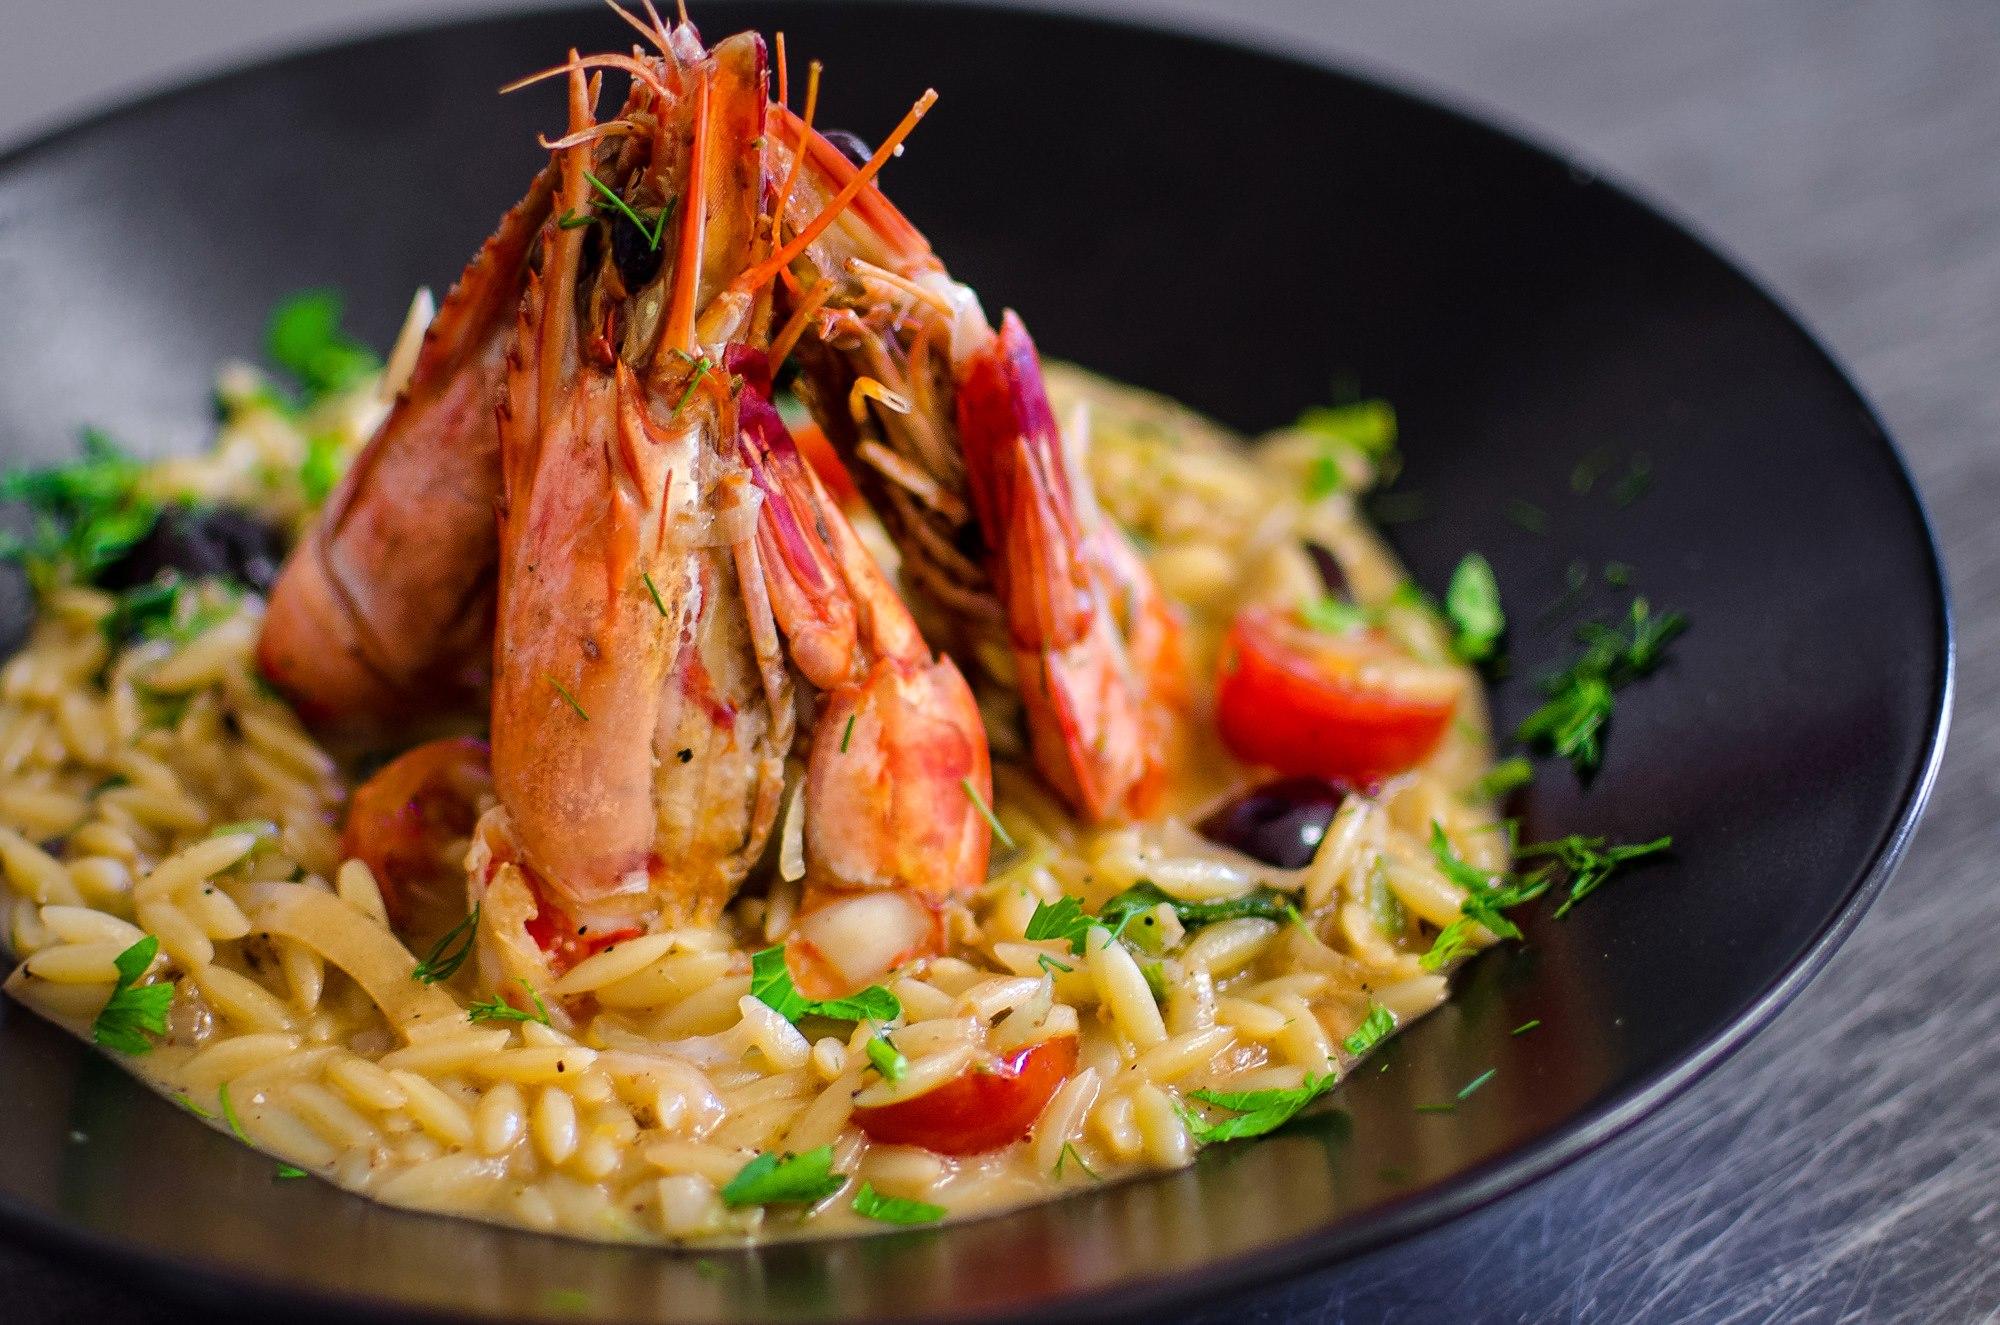 Santorini Cuisine - All Luxury Apartments